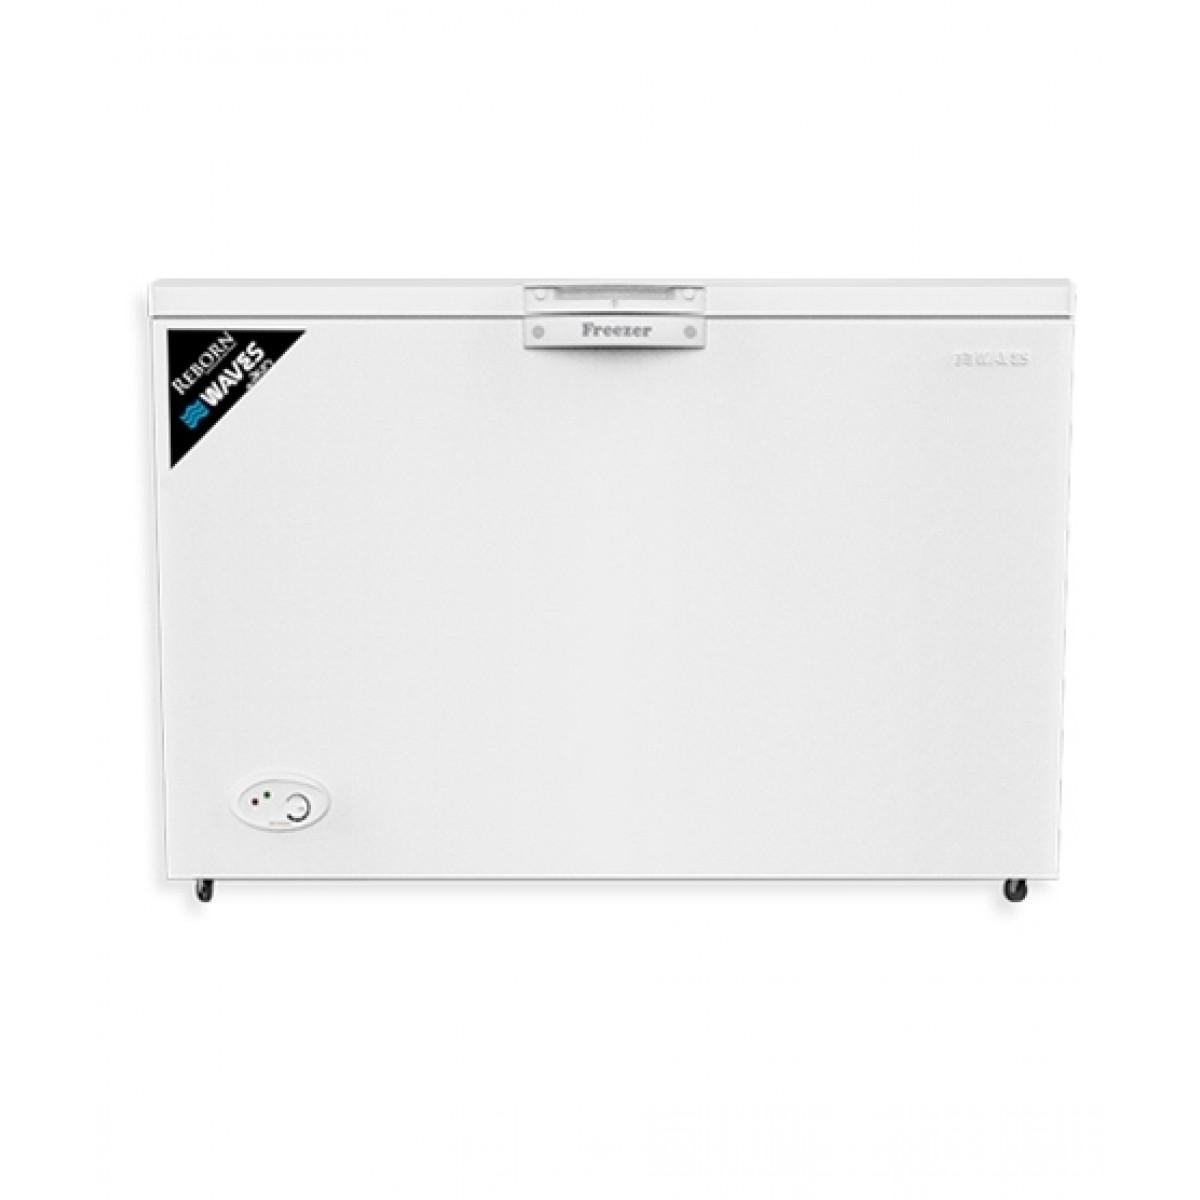 Waves Deep Freezer Wdf 315 Price In Pakistan Buy Waves Regular Series Single Door Deep Freezer 15 Cu Ft Ishopping Pk